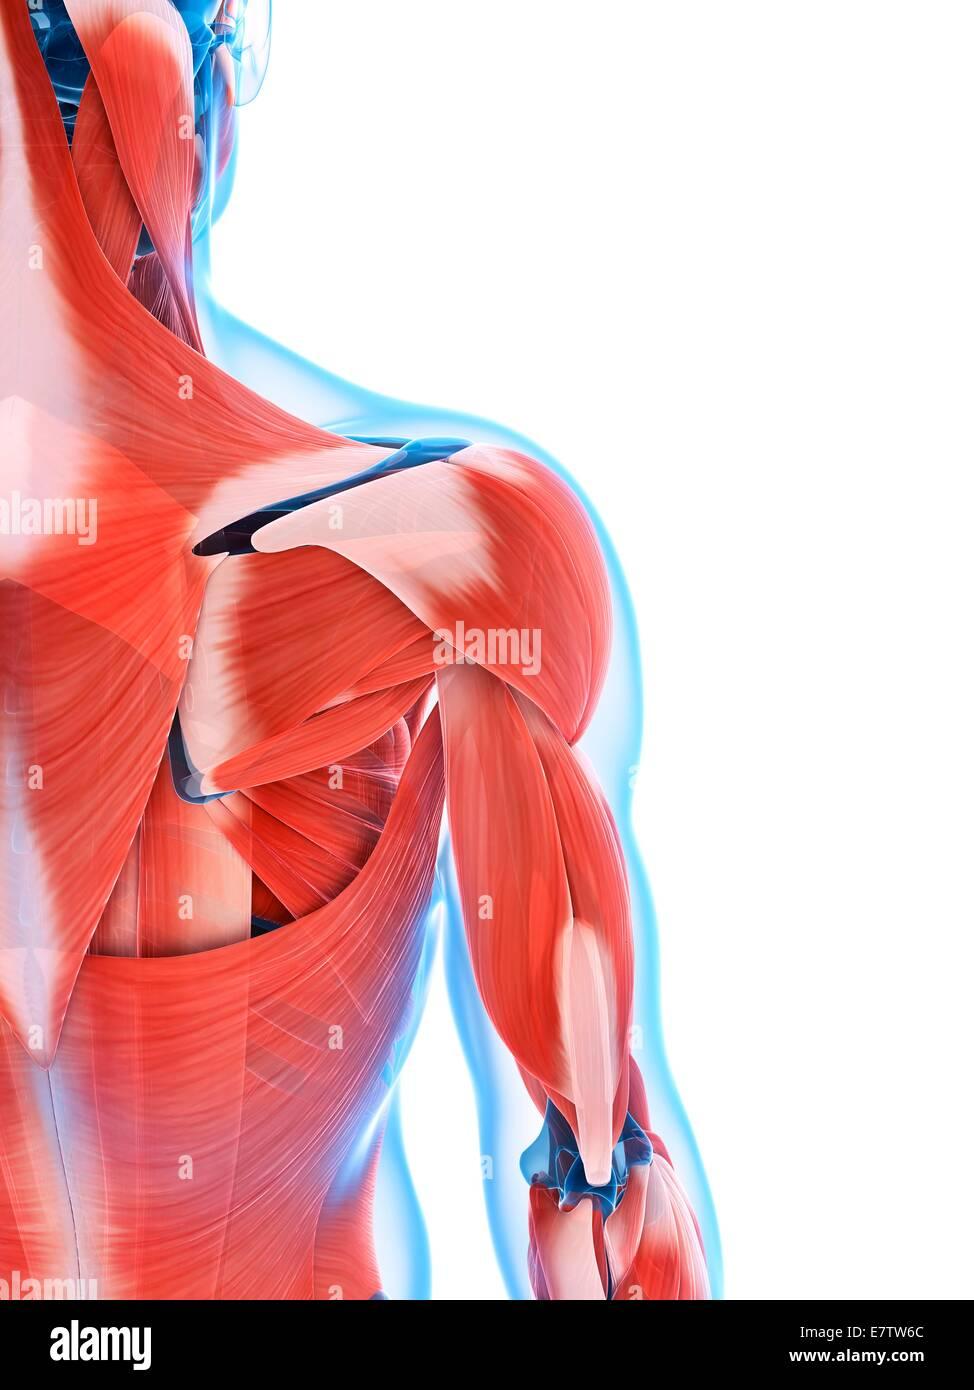 Menschliche Rückenmuskulatur, Computer-Grafik Stockfoto, Bild ...